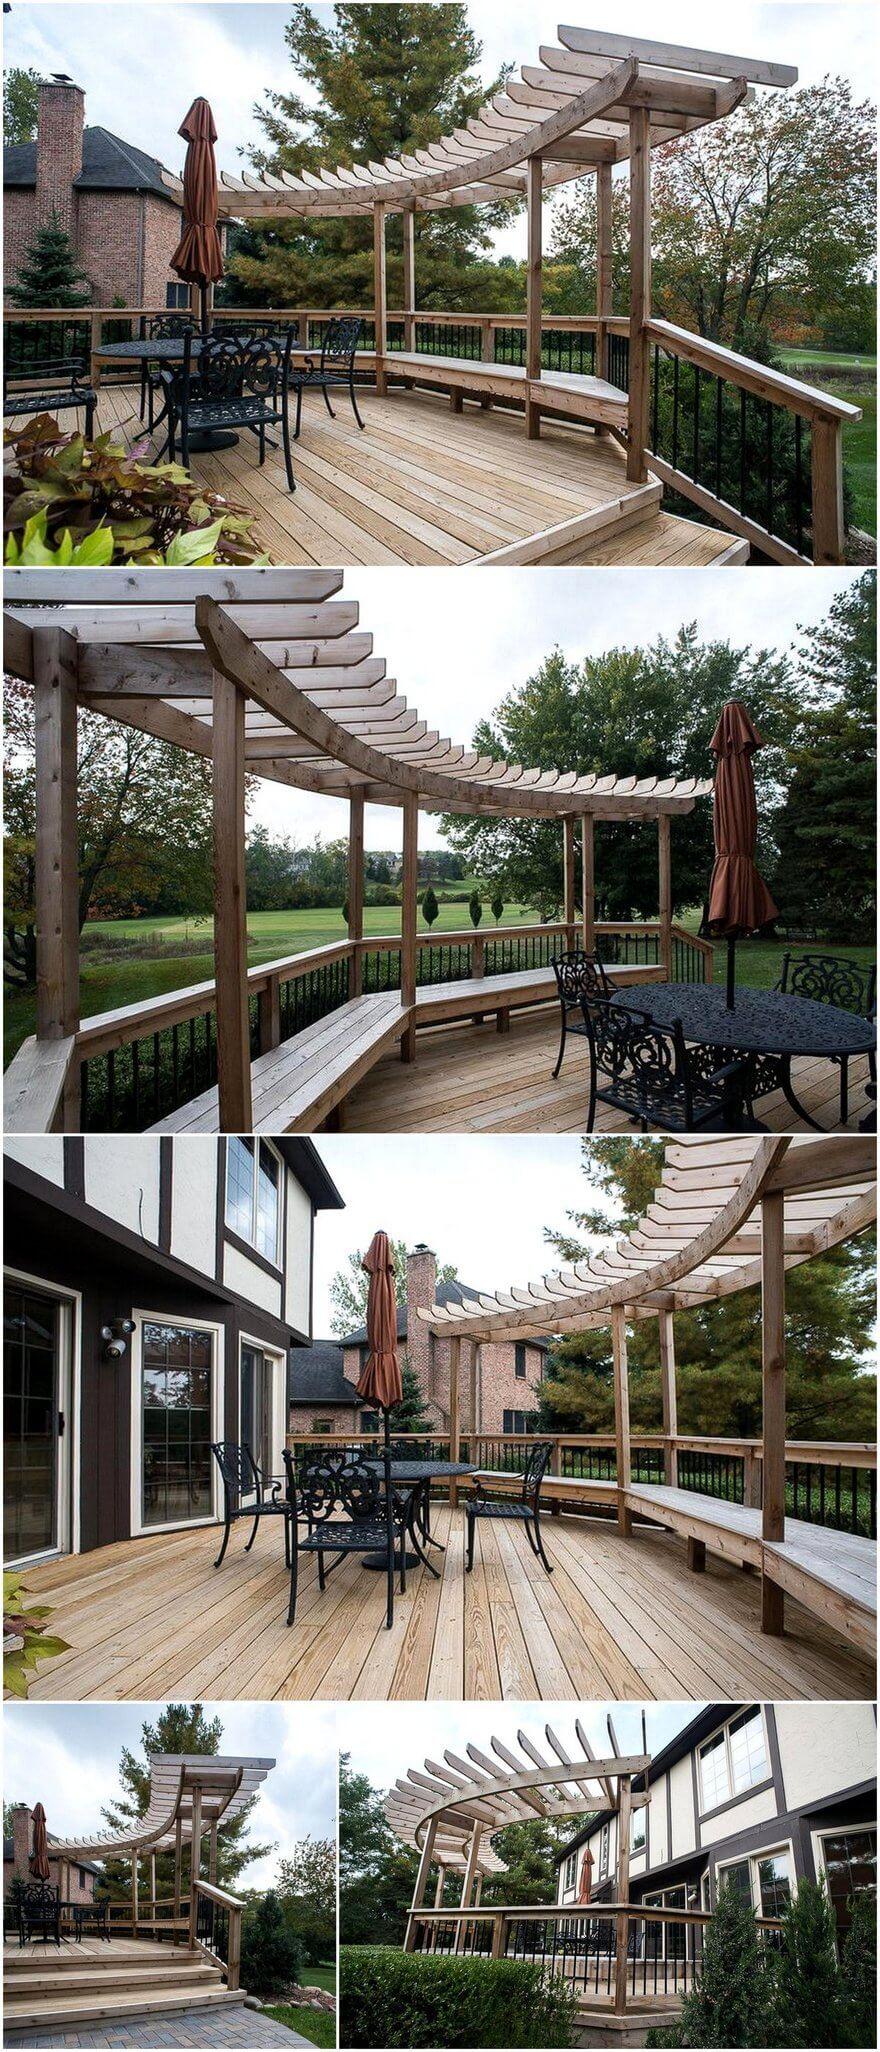 Astounding Design Ideas for Patio Pergola Decks